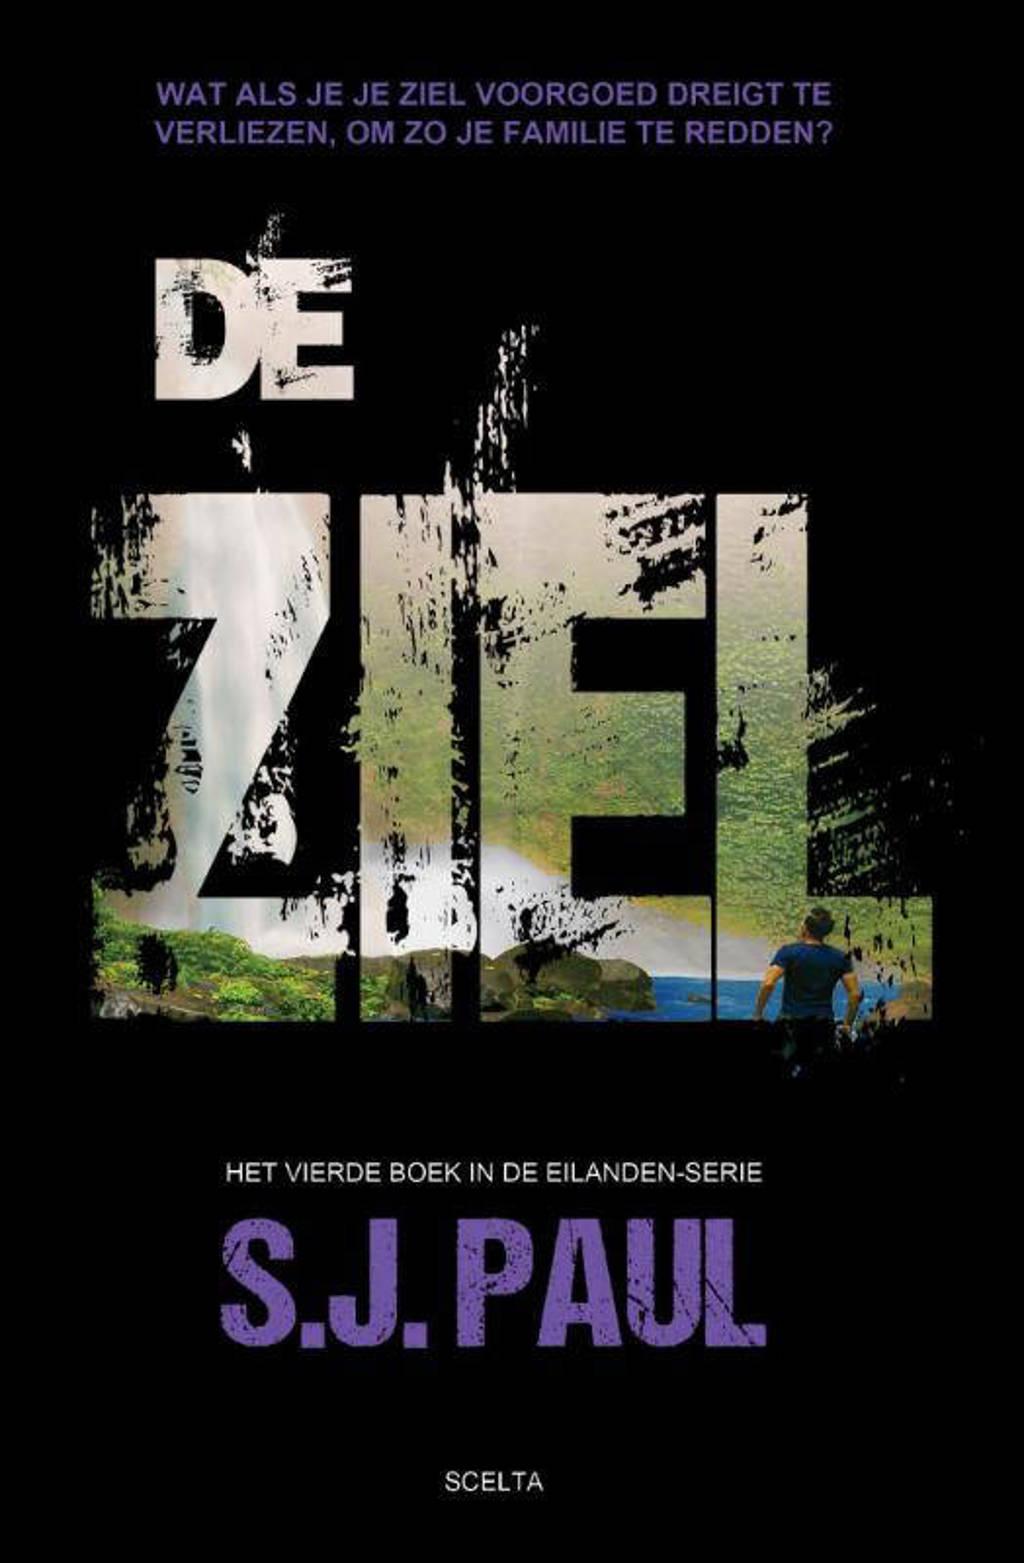 De eilanden: De ziel - S.J. Paul